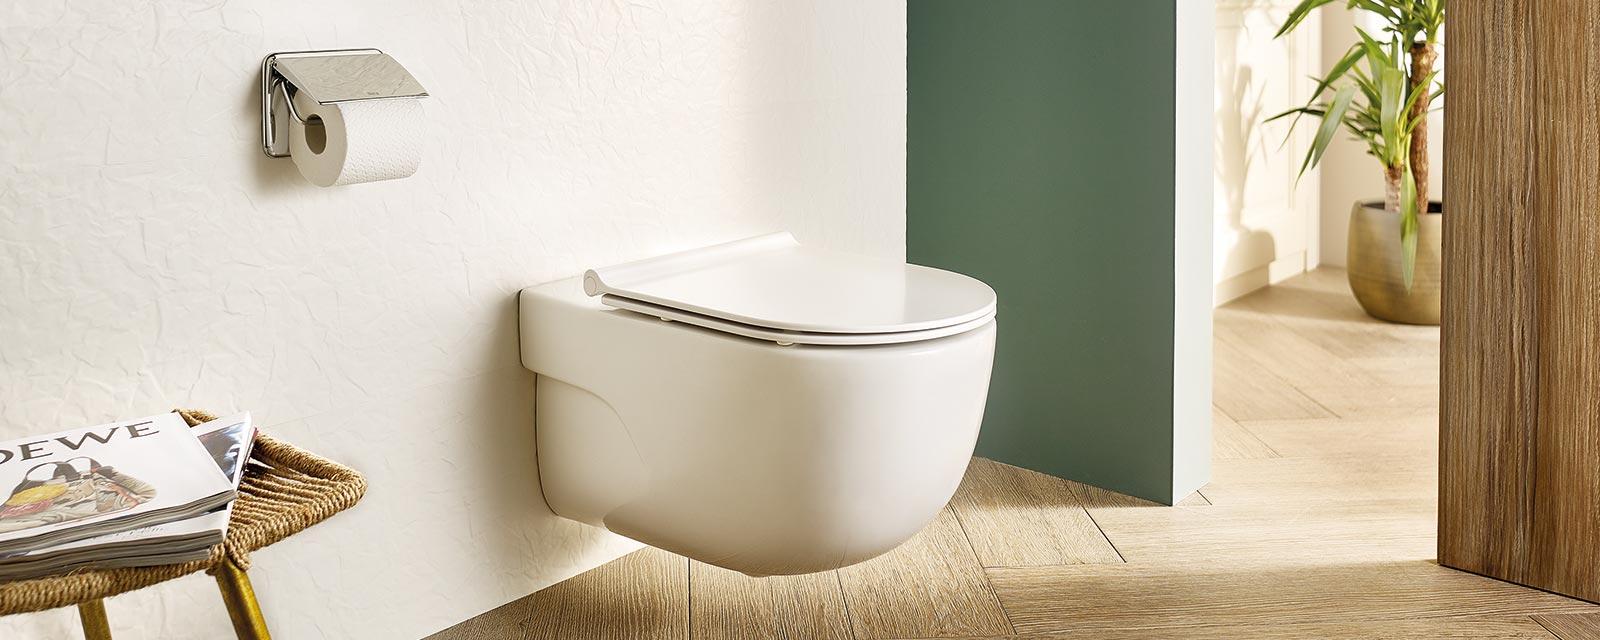 le wc broyeur est il mieux que le wc classique guide artisan